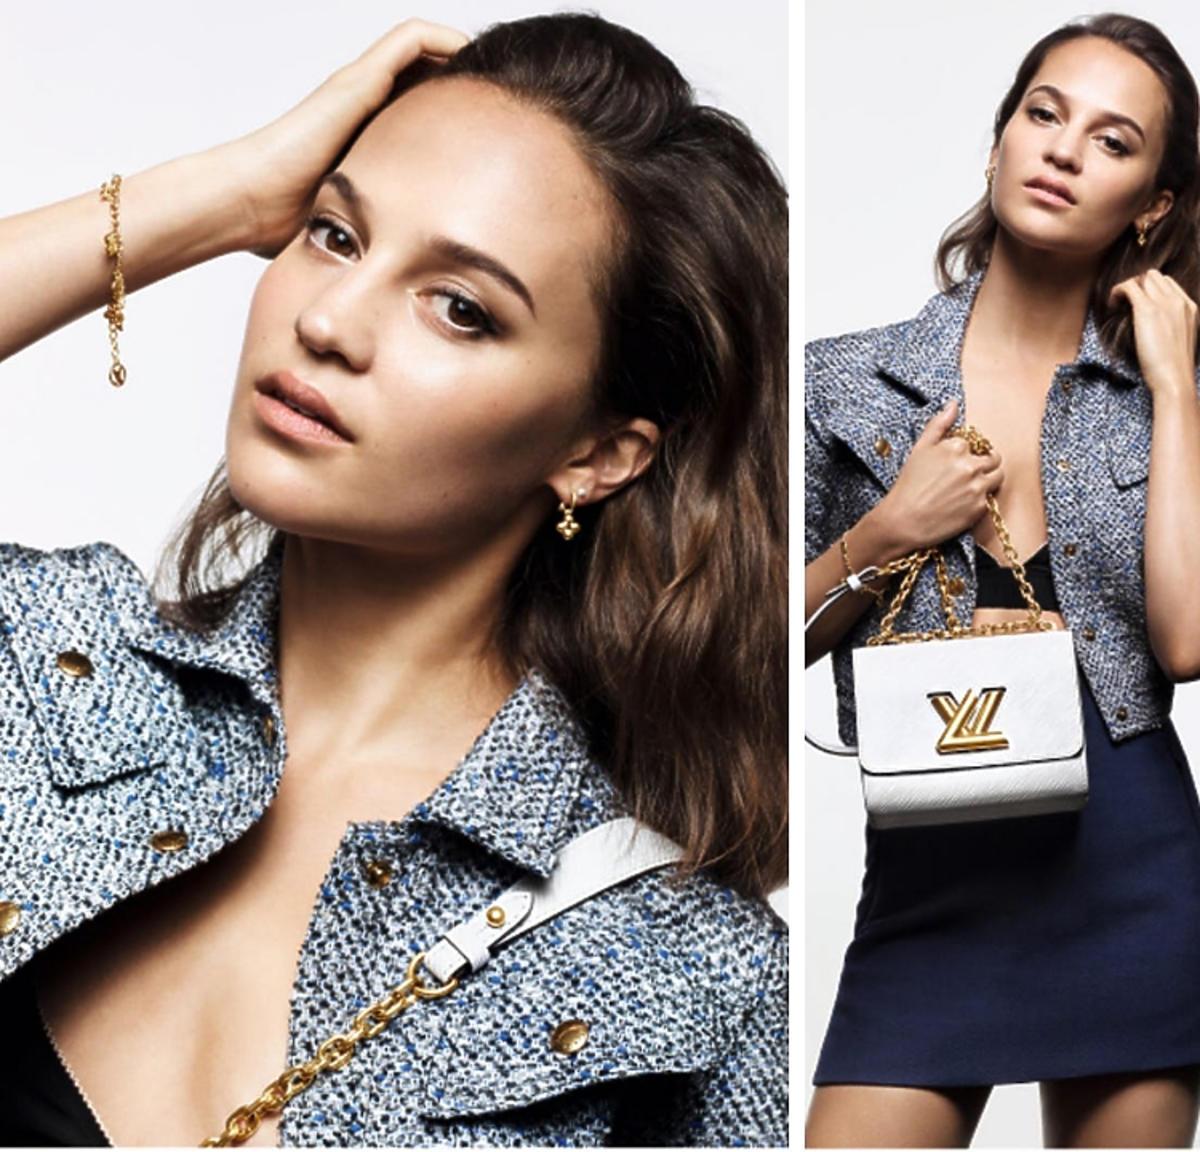 Alicia Vicansder for Louis Vuitton